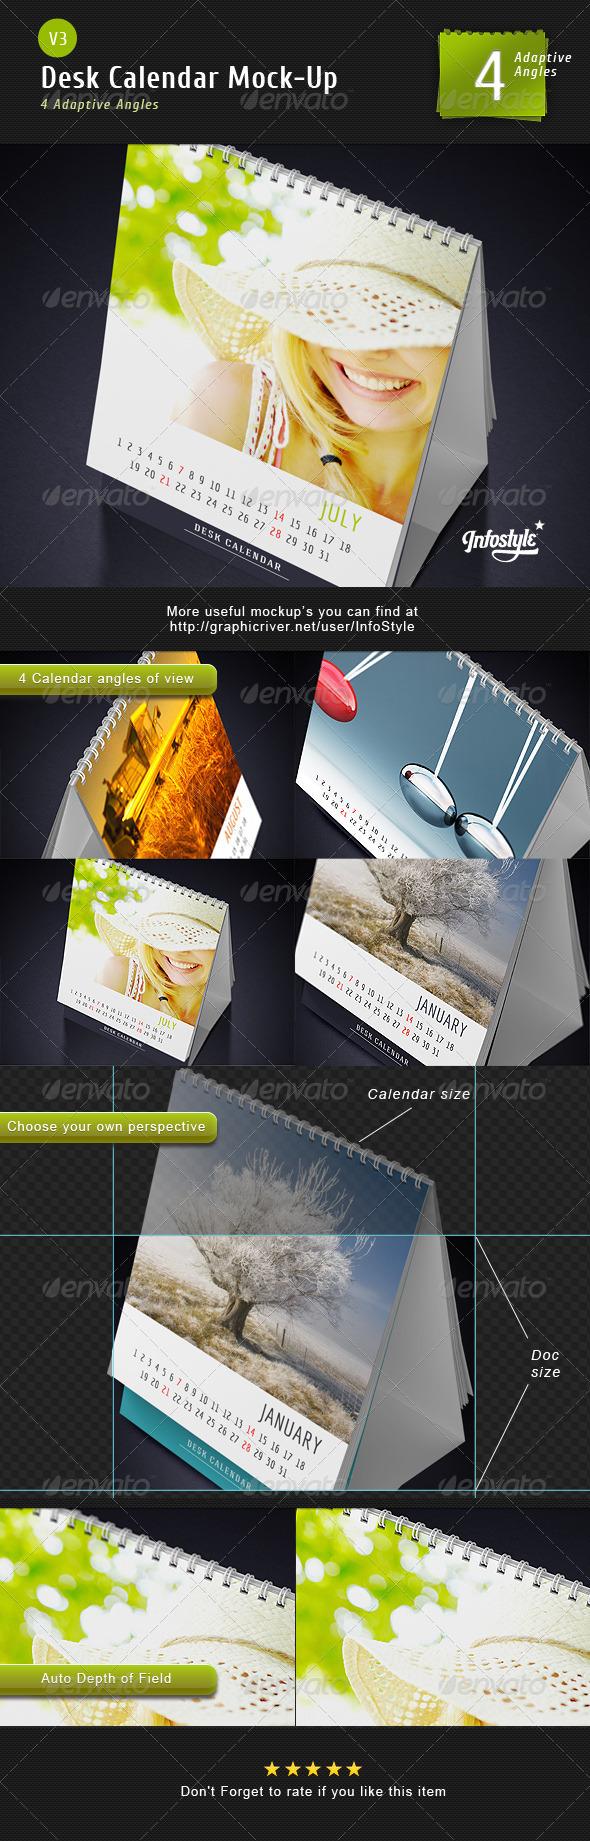 GraphicRiver Desk Calendar Mock-Up V3 3139439